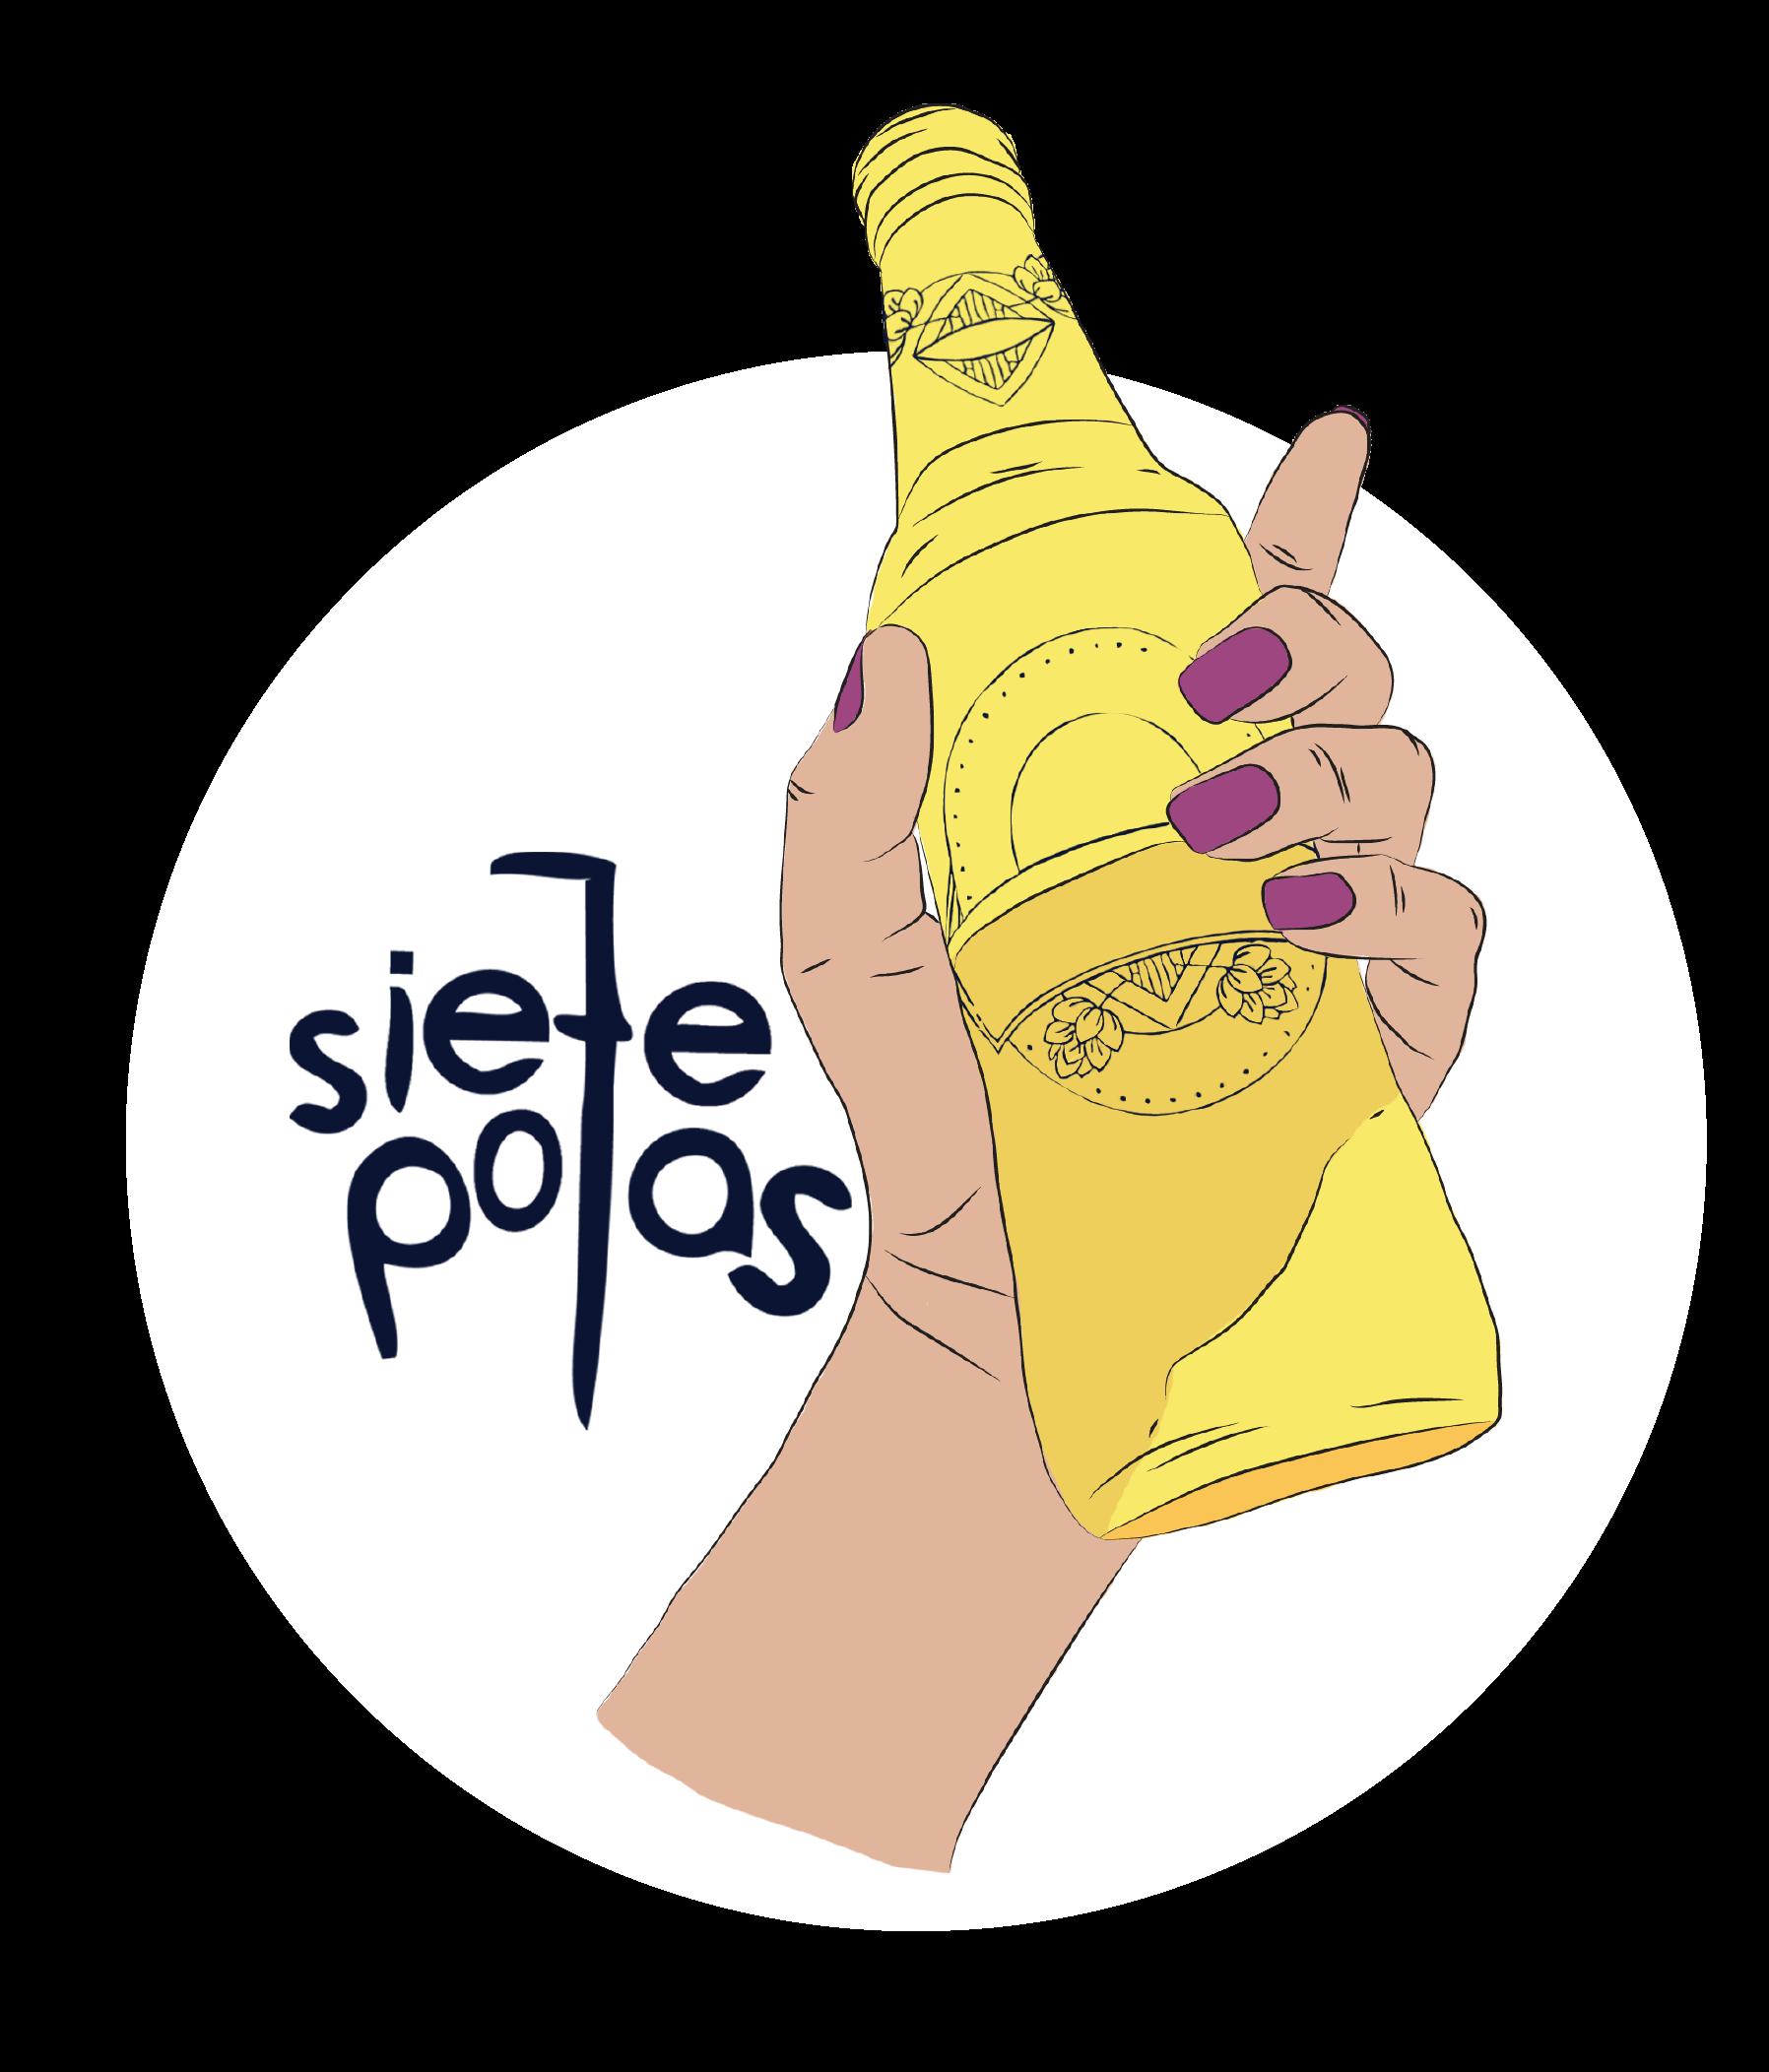 SietePolas